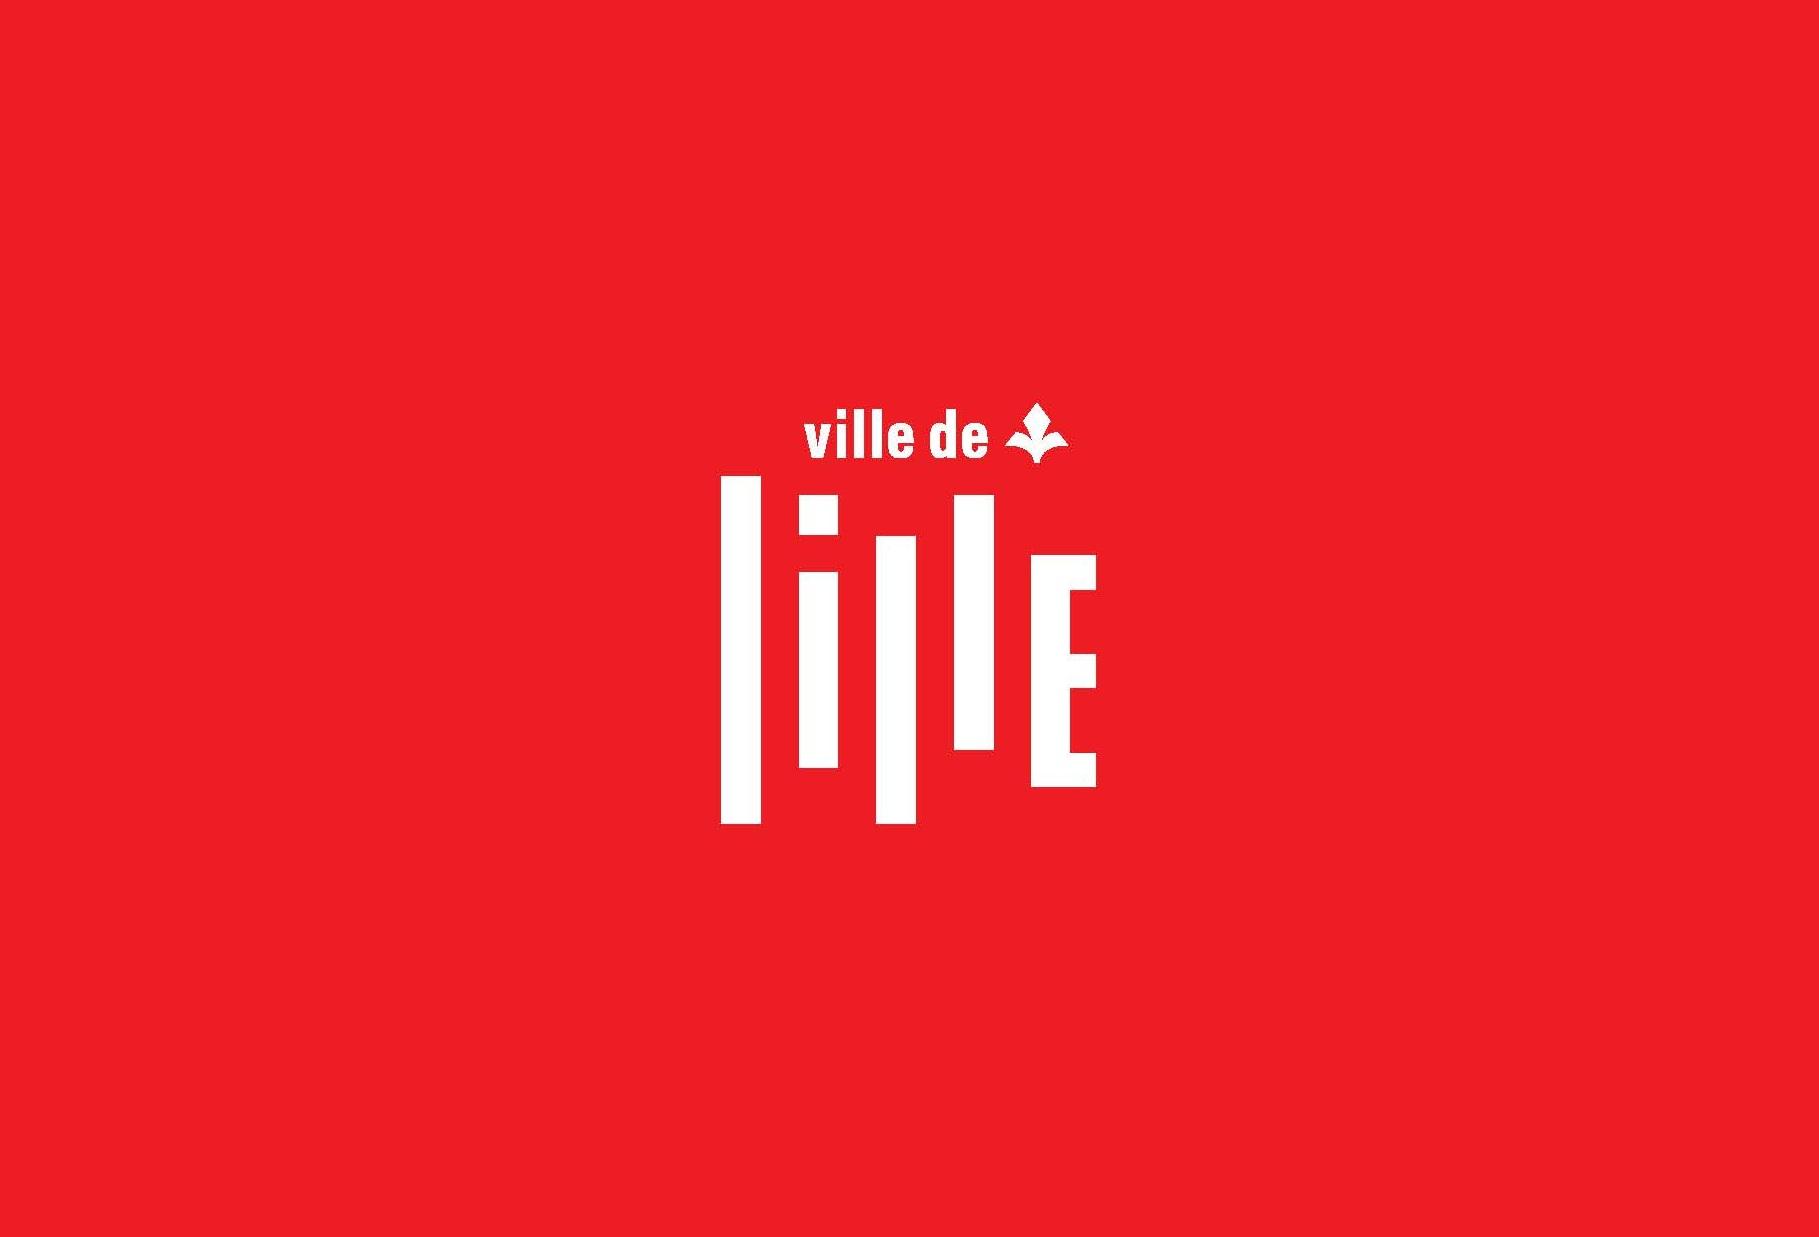 Charte Graphique De La Ville    La Mairie De Lille    Votre